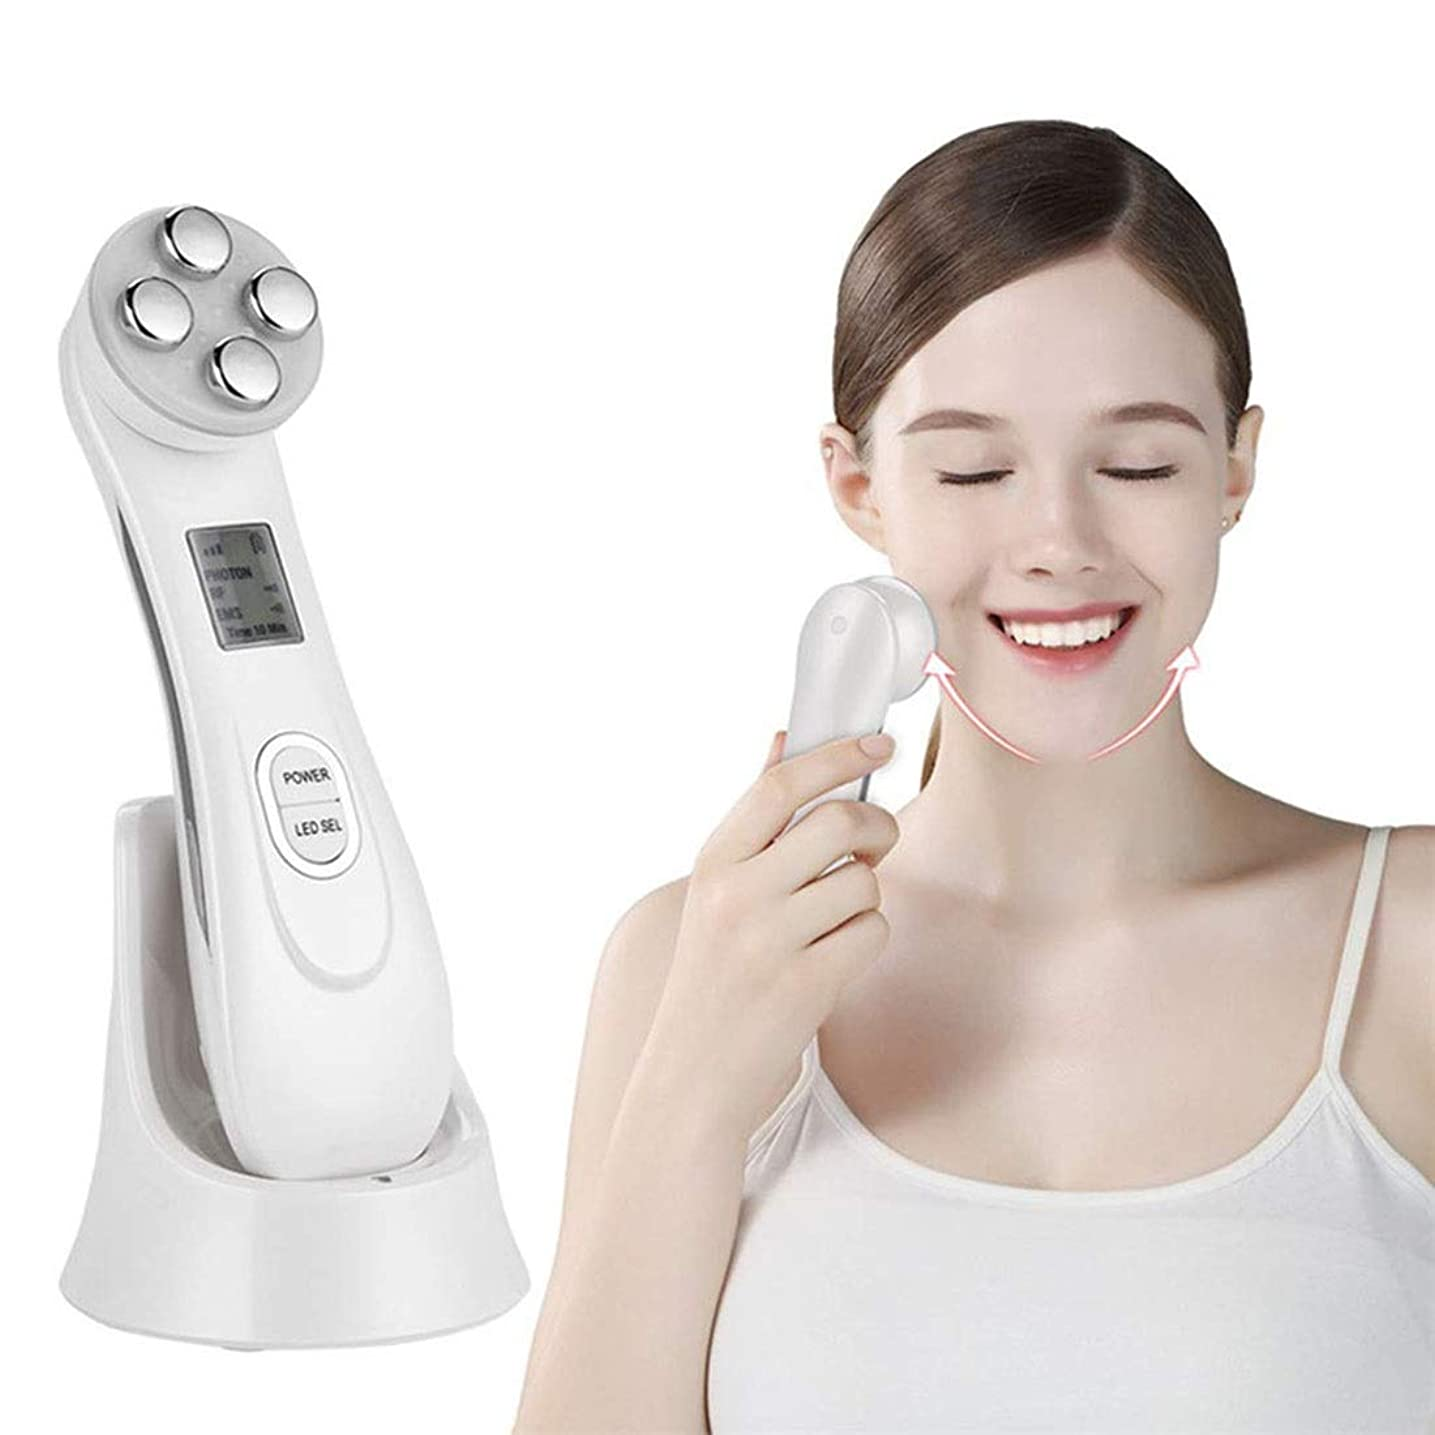 インストラクター現実には約設定Skin Tightening Machine Skin Tightening Machine, 5 In 1 Face Massager Facial Remover Wrinkle Skin Care Beauty Machine Anti-aging